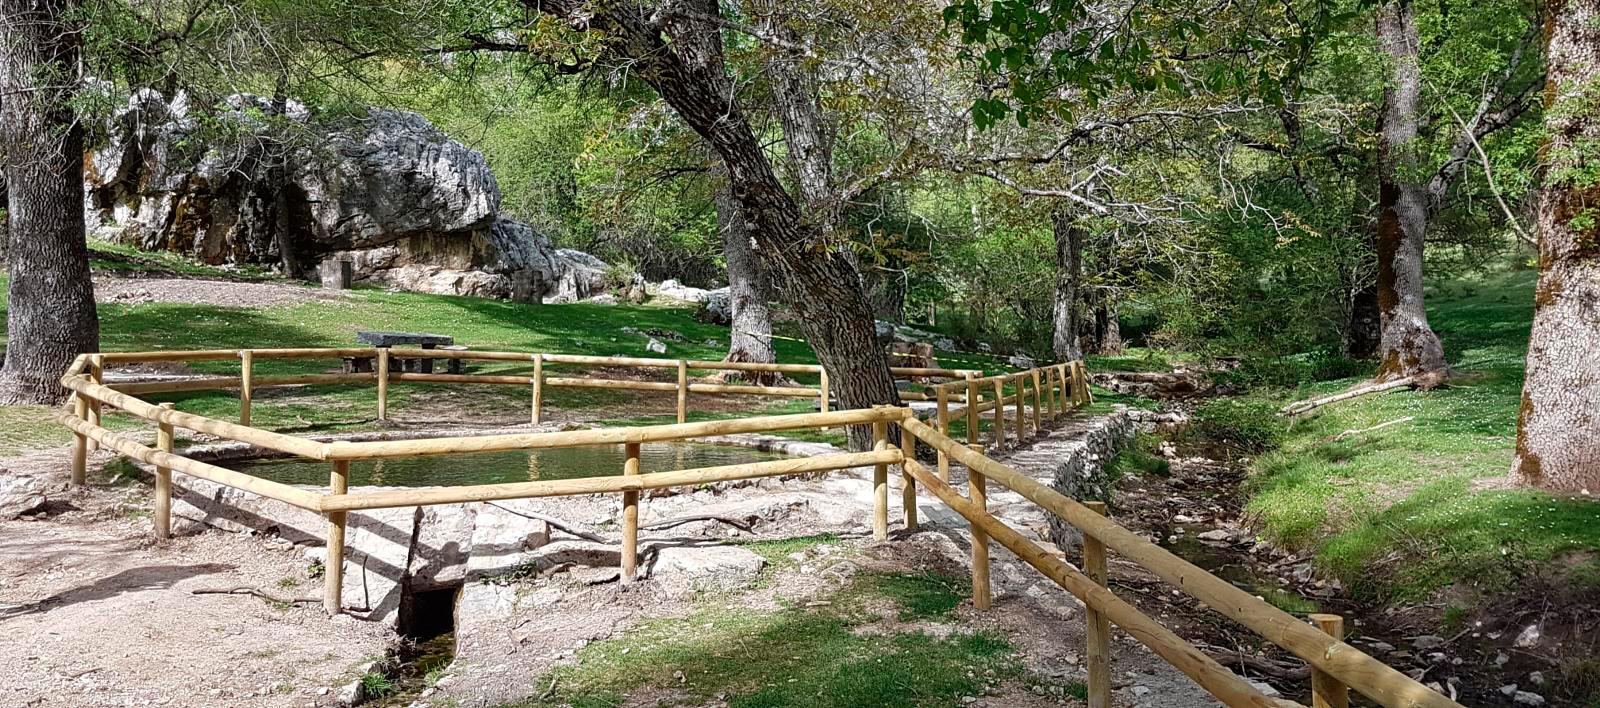 Ruta por la Sierra de Cazorla - 4x4 Etapa 2